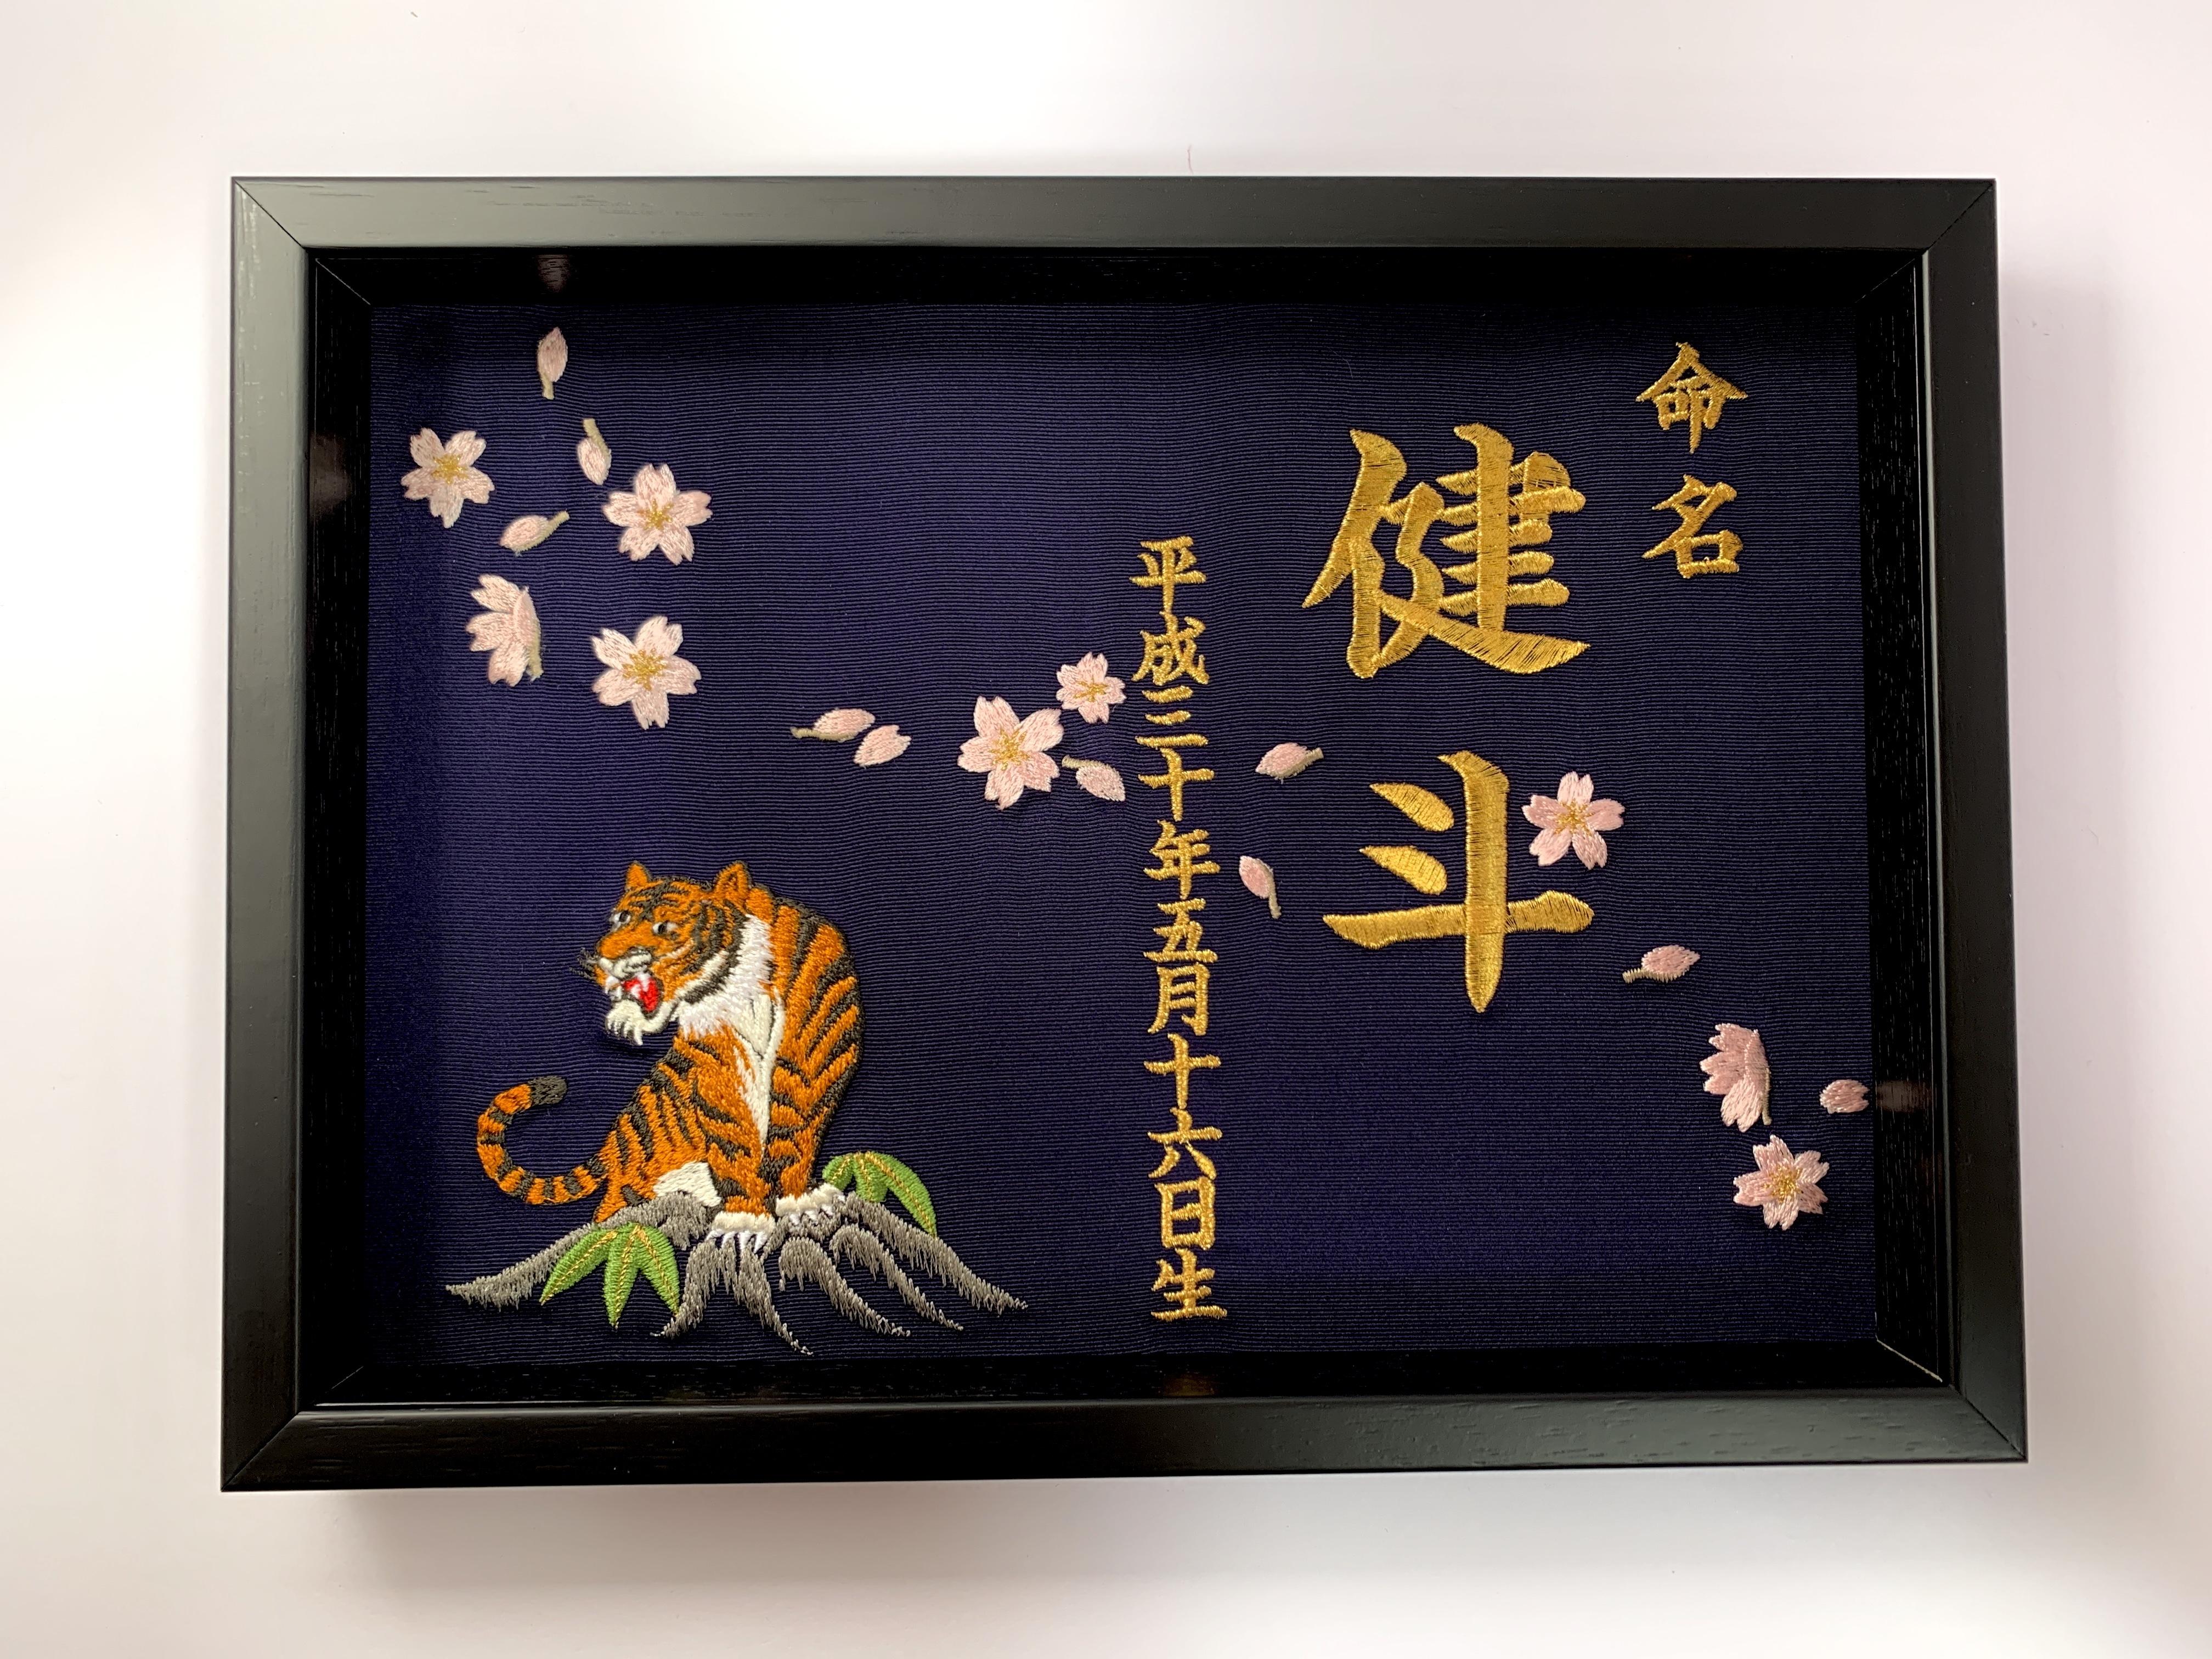 本格刺繍の豪華な命名額 ★ 虎と桜吹雪